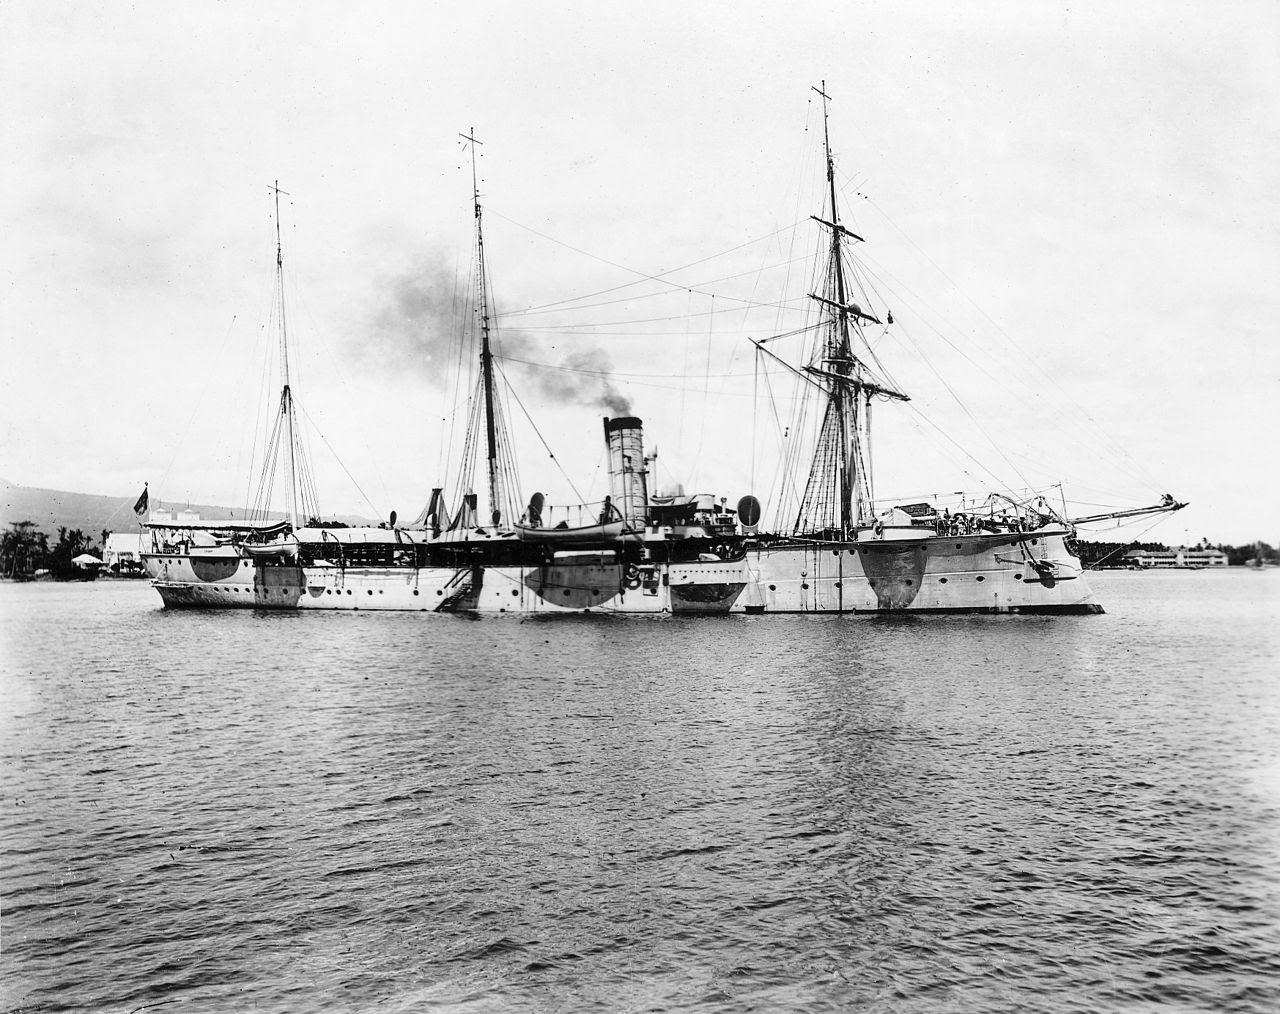 German warship 1900